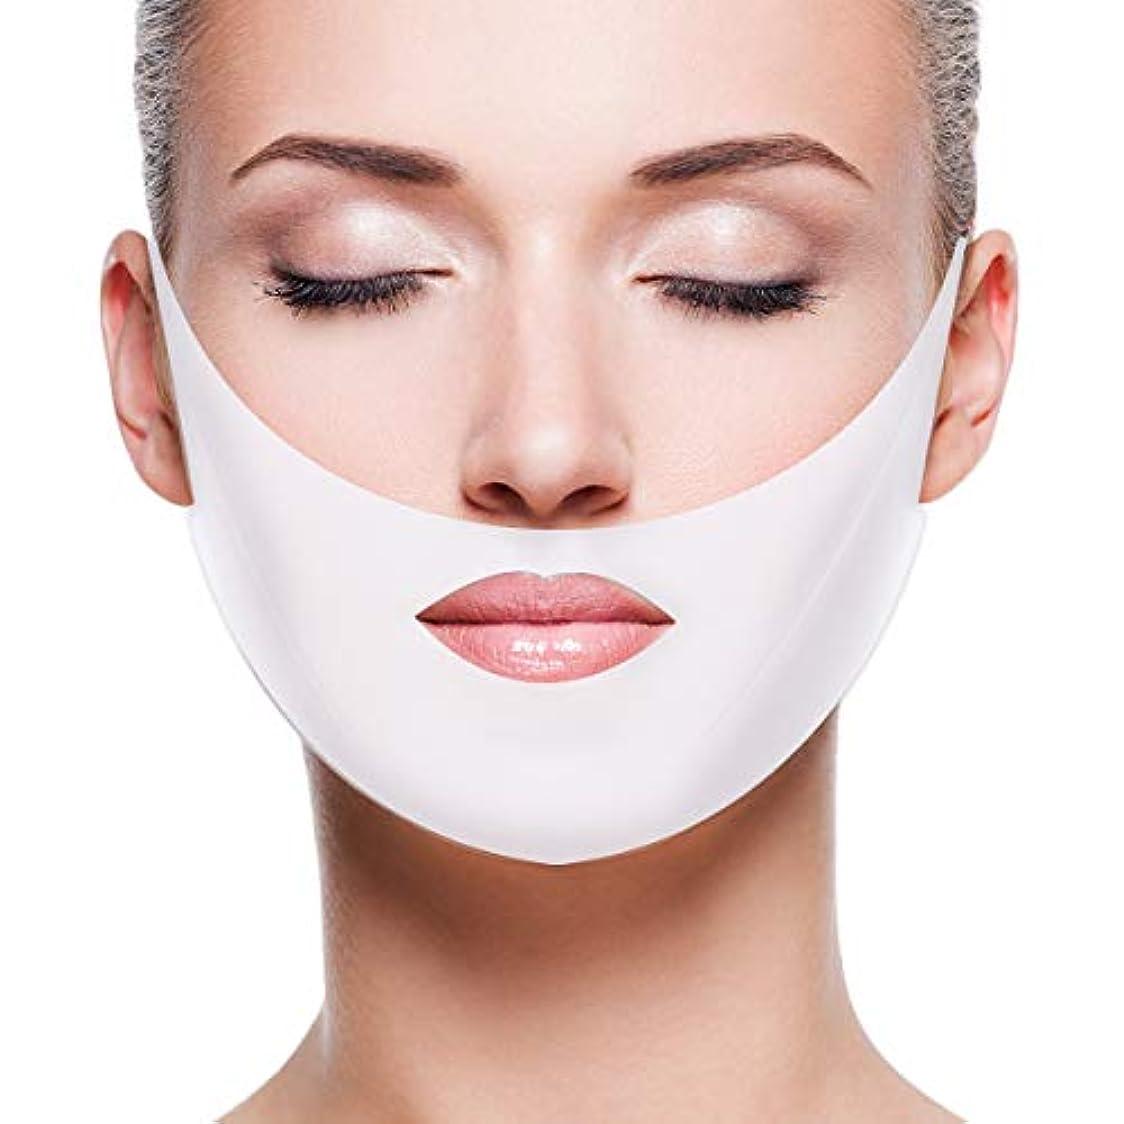 従来の信頼性が欲しいCreacom 小顔 マスク フェイス マスク 顔パック 顎サポーター リフトアップ 引き締め 法令線 予防 抗シワ 通気性抜群 美容グッズ 小顔美人 男女兼用 3/5枚入り